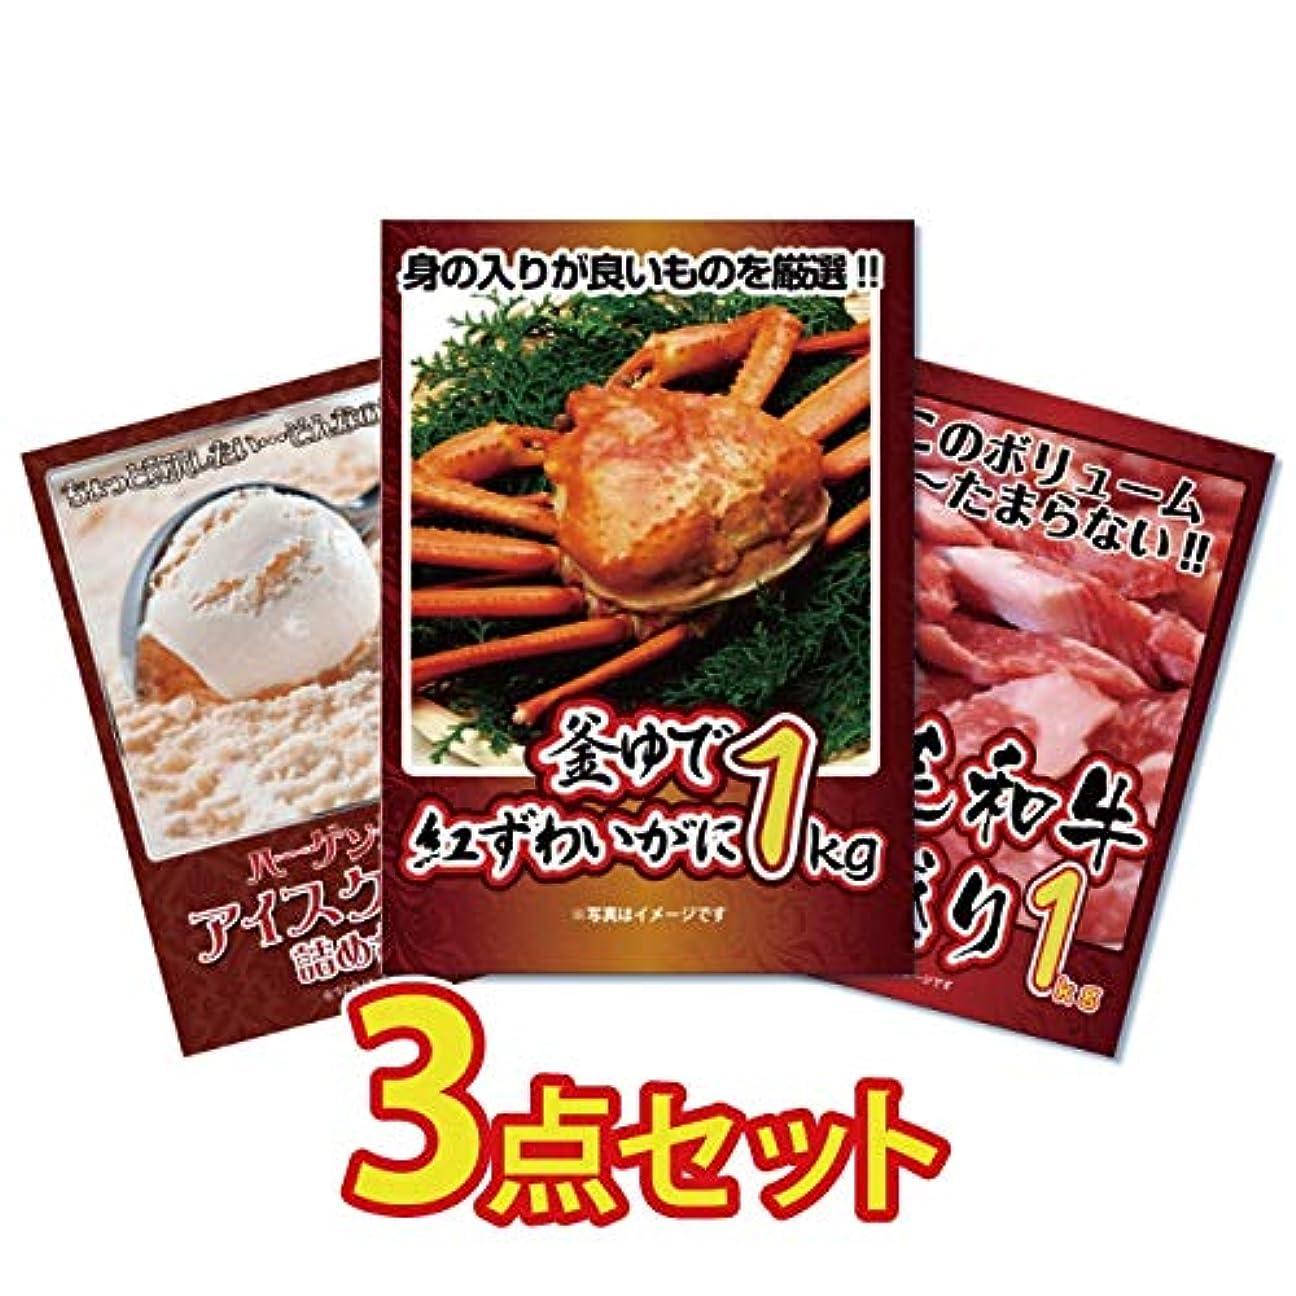 スモッグ鷲食い違い景品セット 3点 …釜茹で紅ズワイガニ 1kg、黒毛和牛肉 特盛り 1kg、ハーゲンダッツ&ブランブリュンアイスセット